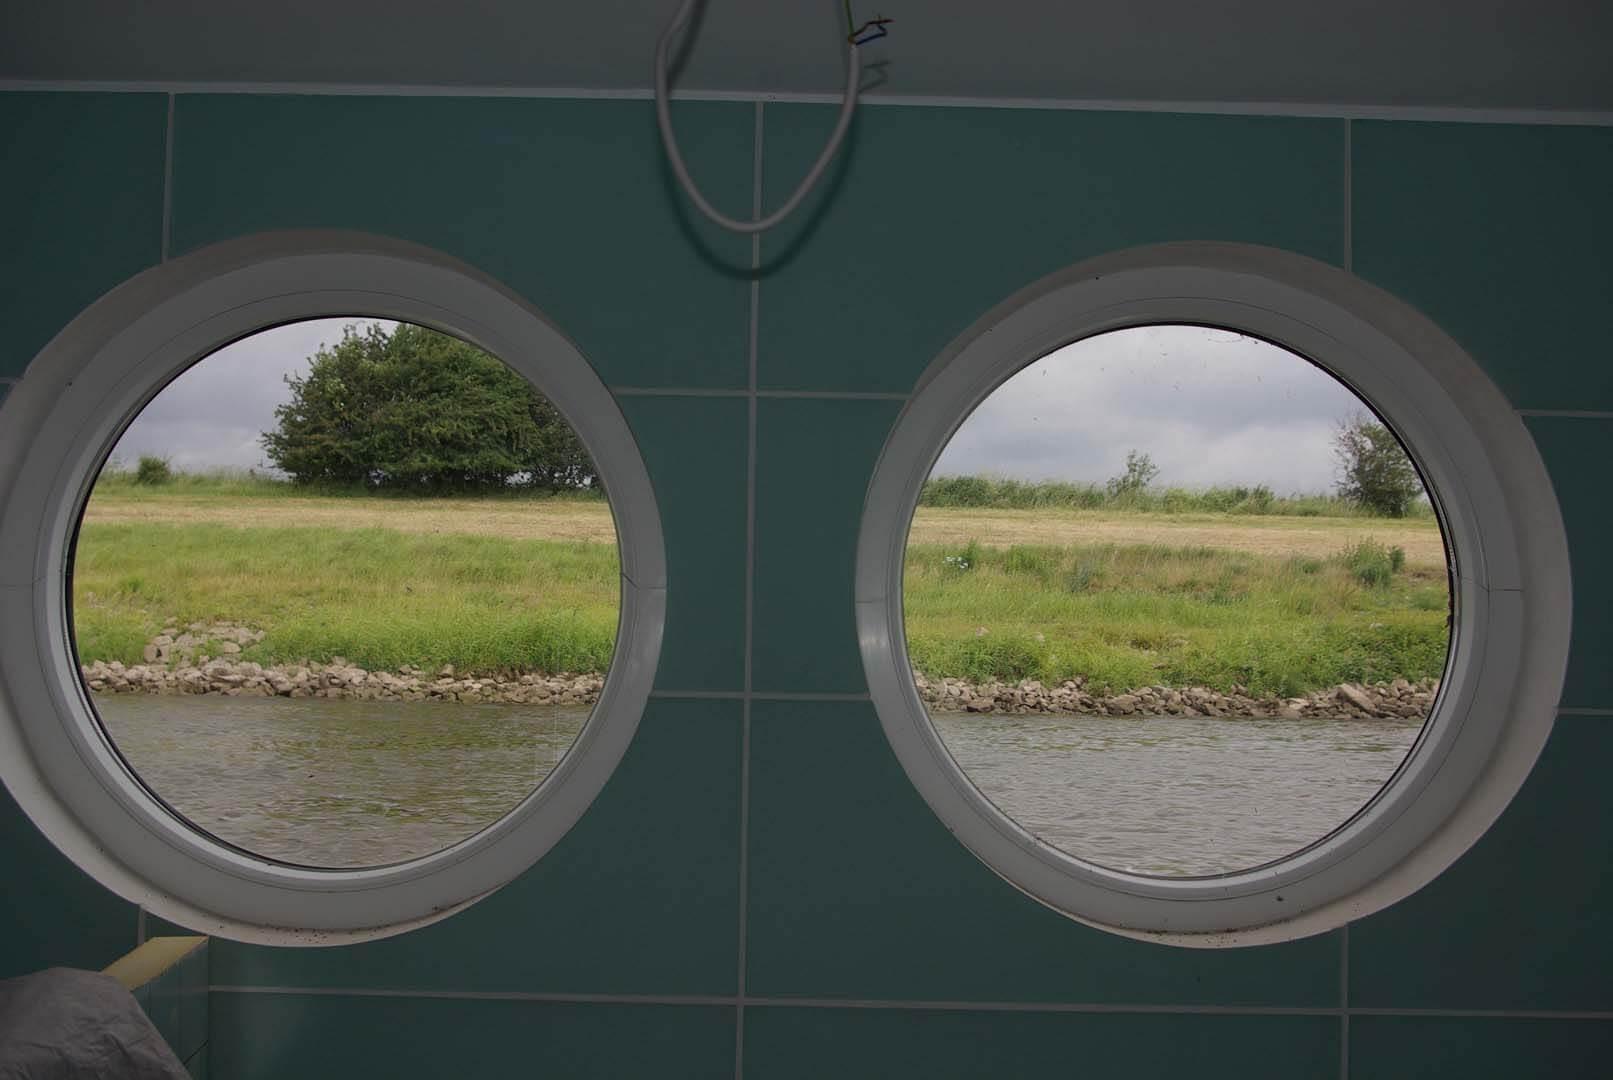 Überführungsfahrt: Blick aus den Badezimmer fenstern